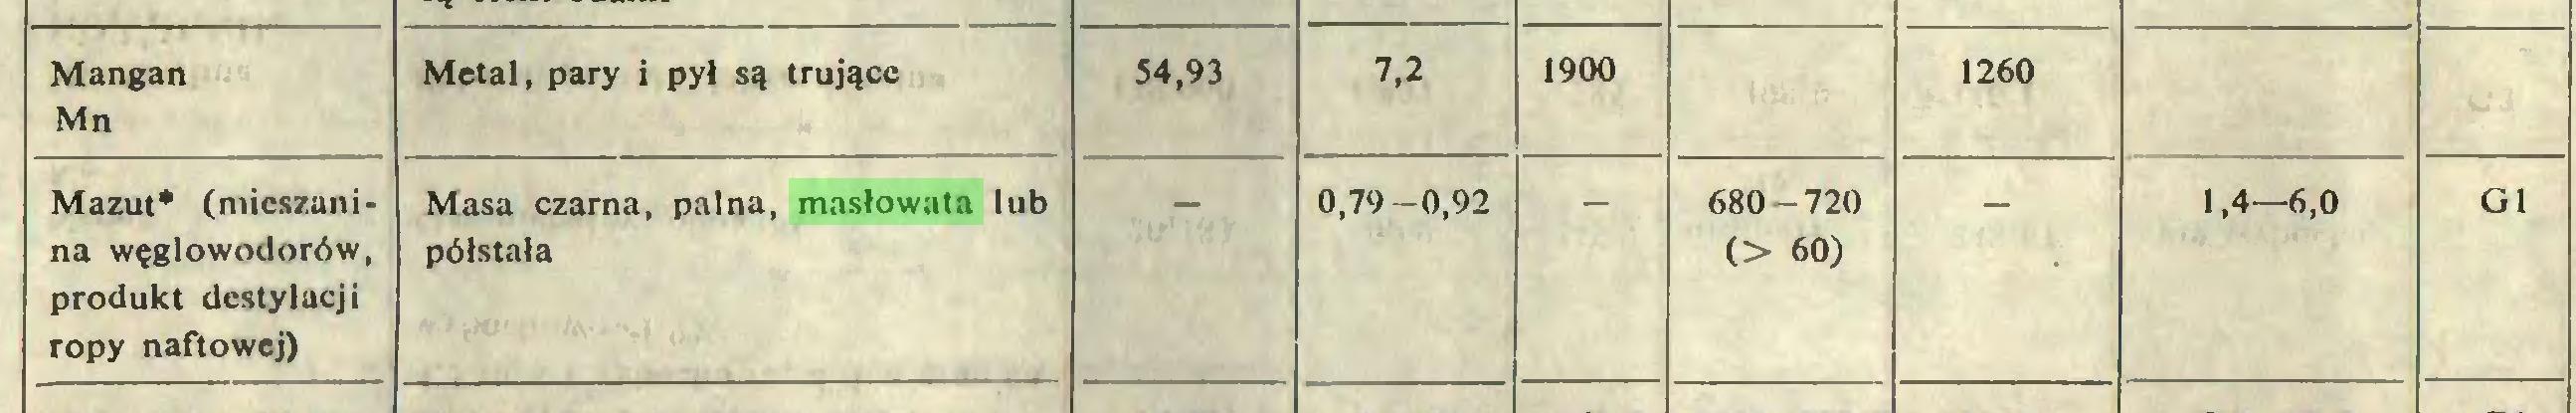 (...) Mangan Mn Metal, pary i pył są trujące 54,93 7,2 1900 1260 Mazut* (mieszanina węglowodorów, produkt destylueji ropy naftowej) Masa czarna, palna, masłowata lub półstała 0,79-0,92 680-720 O 60) 1,4—6,0 G1...